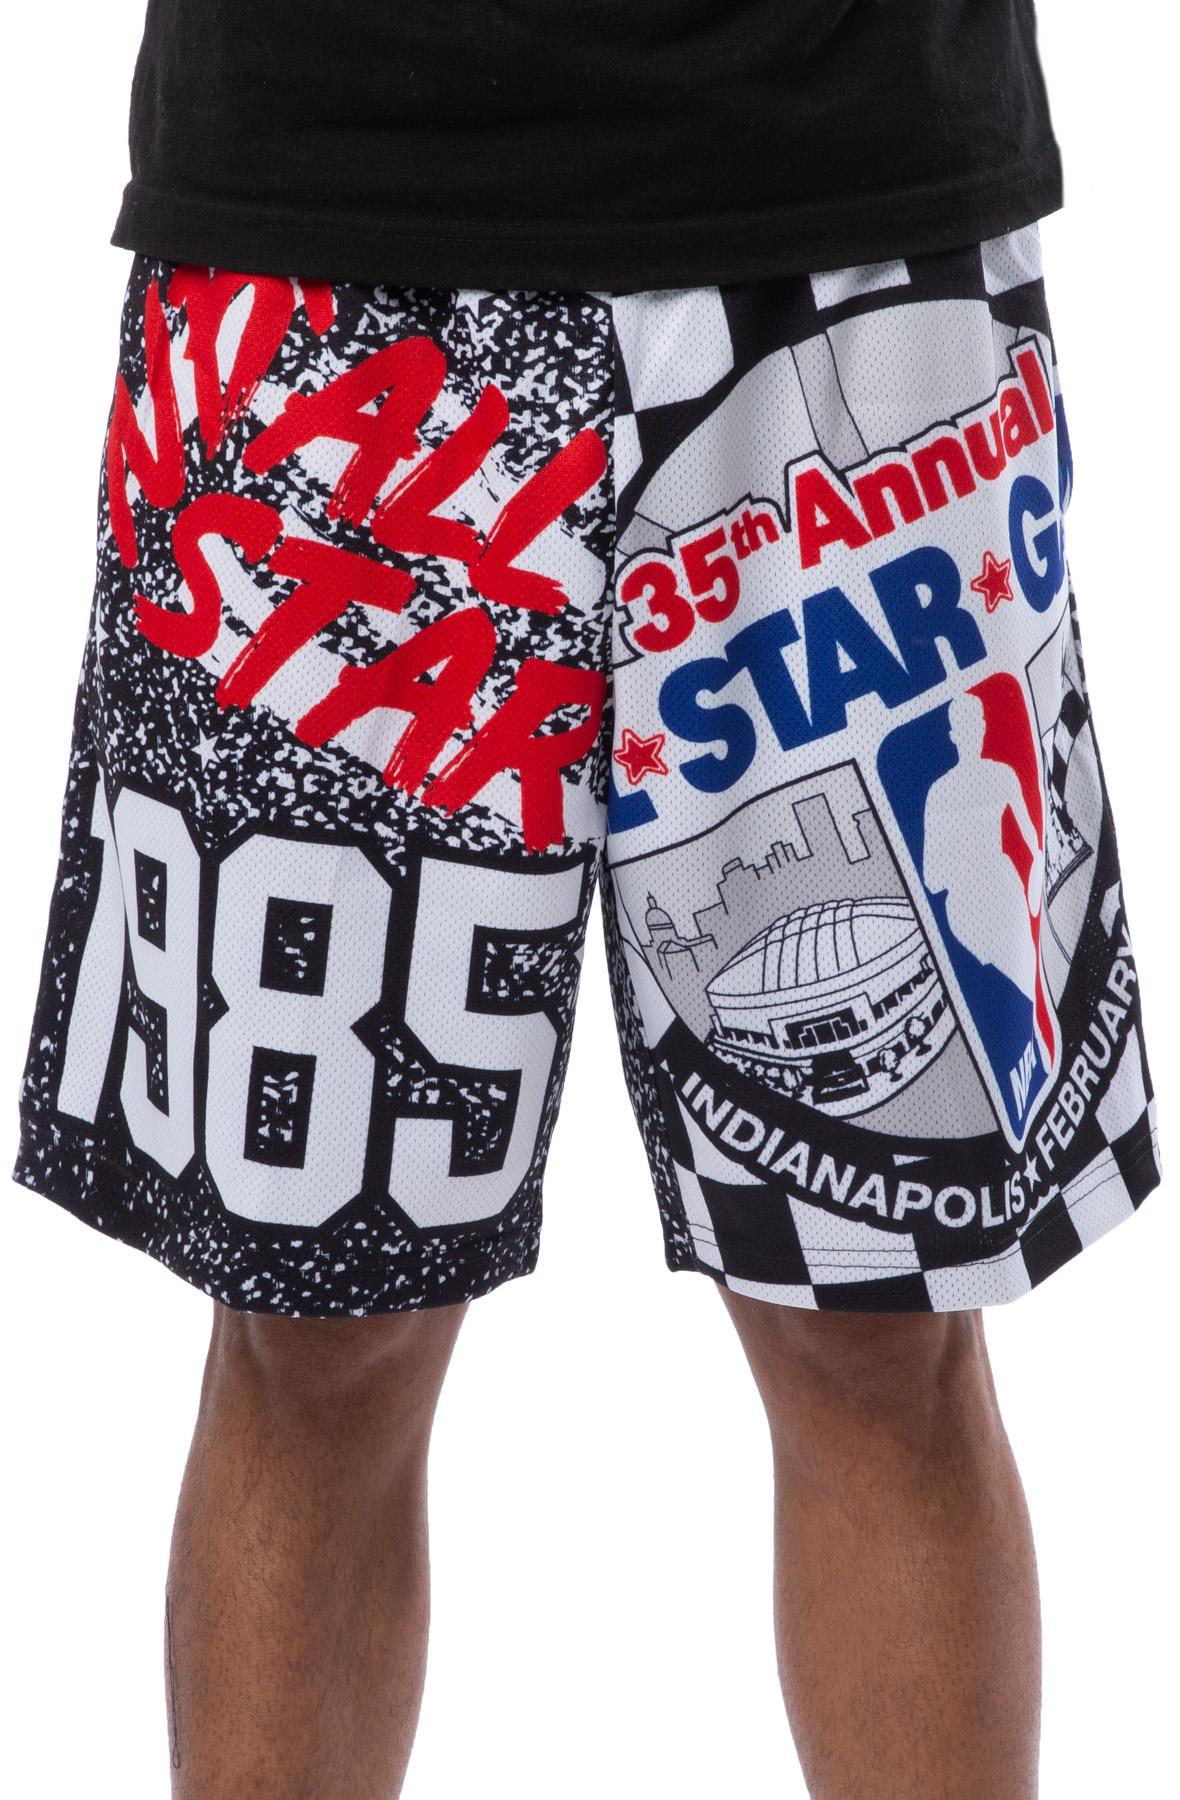 NBA All Star Mesh Shorts Black